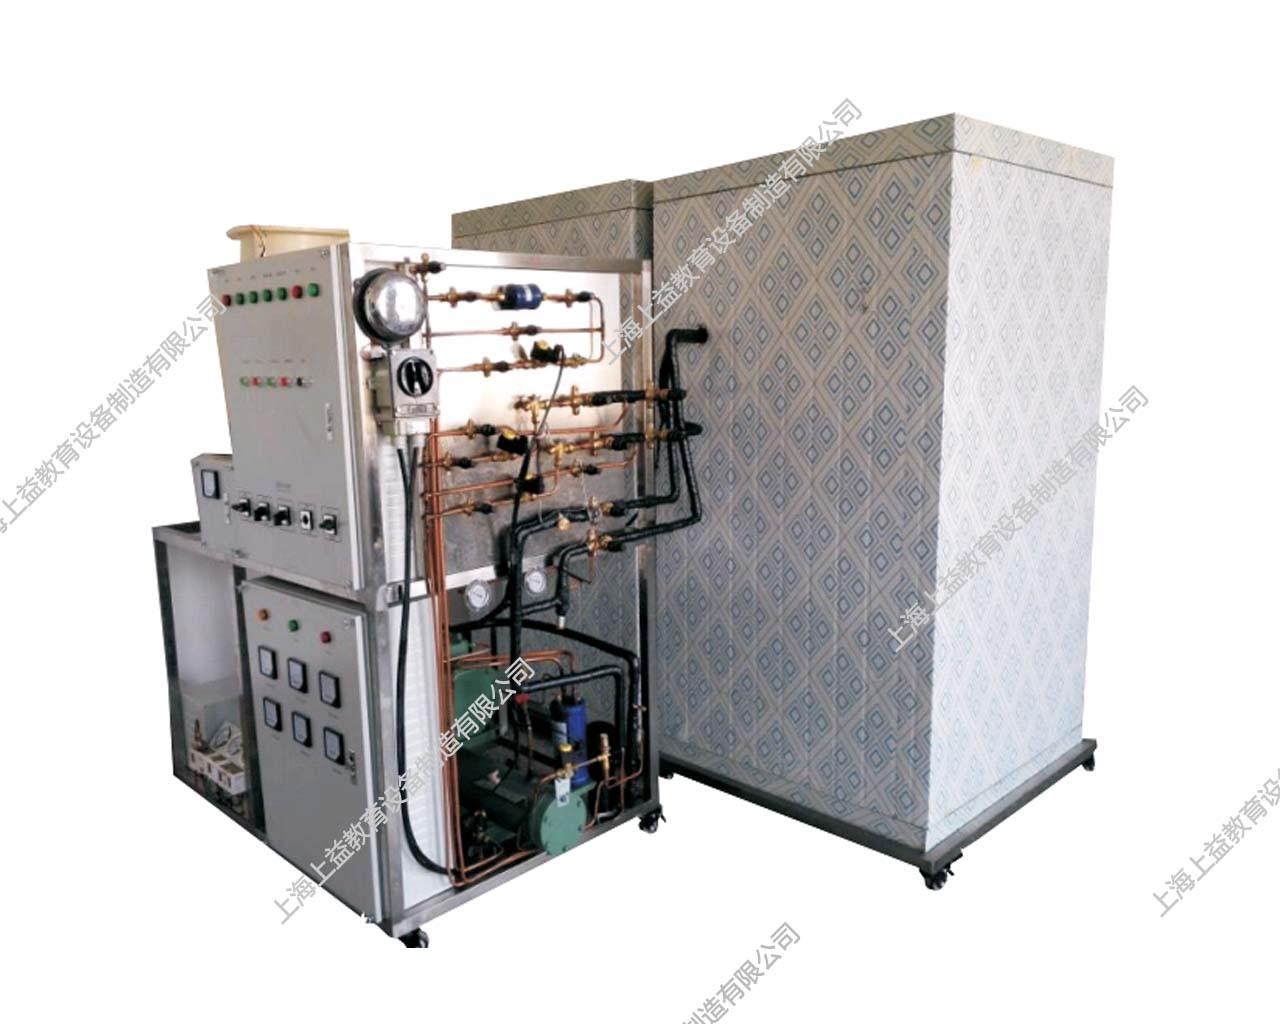 SYZLRX-65型 船舶冷库系统综合wwwlehu8viplehu68vip装置